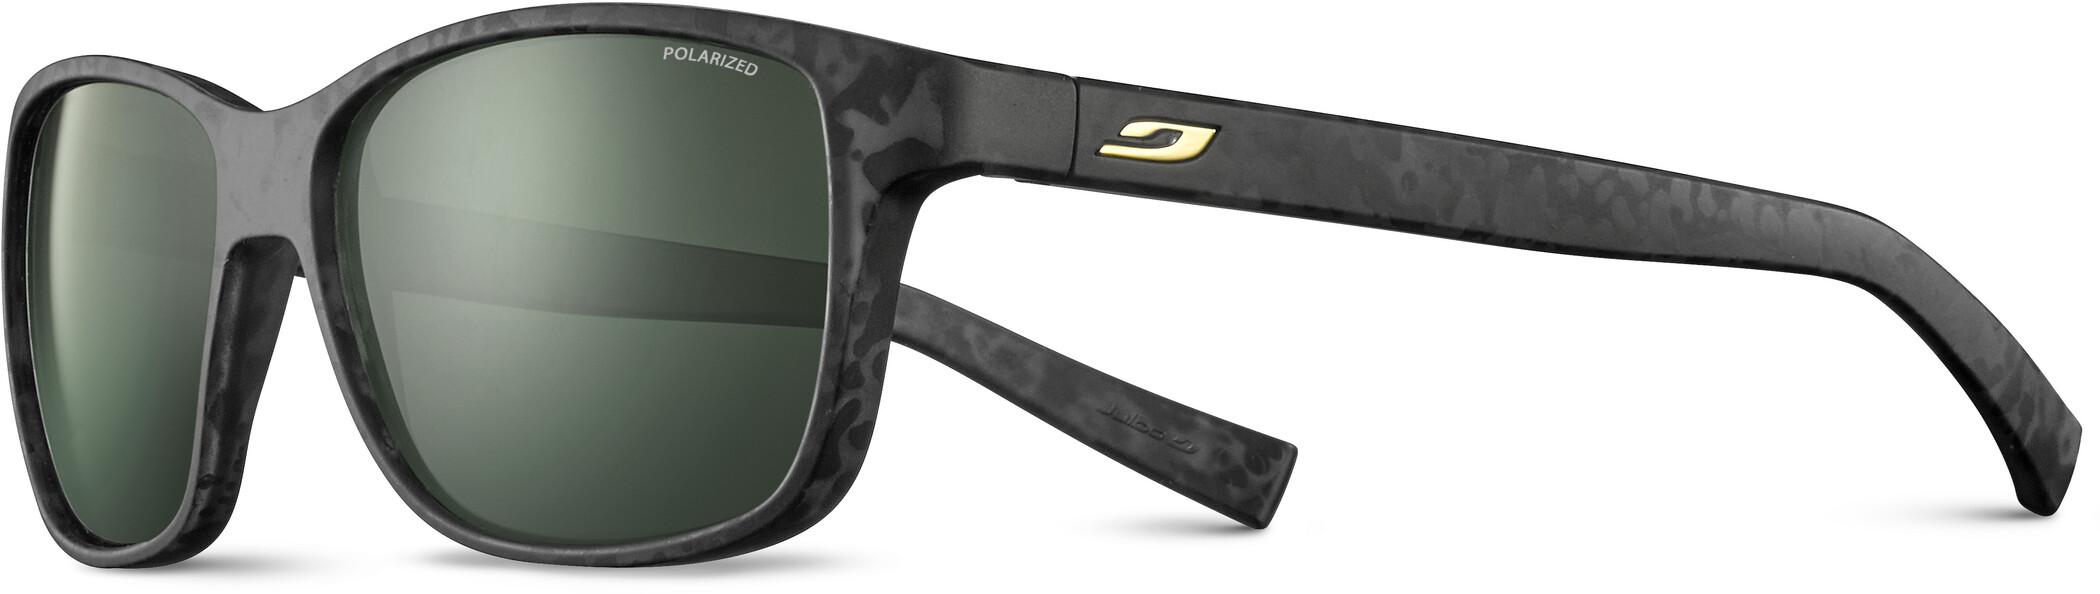 Julbo Powell Polarized 3 Solbriller Herrer, tortoiseshell grey/green (2020) | Glasses